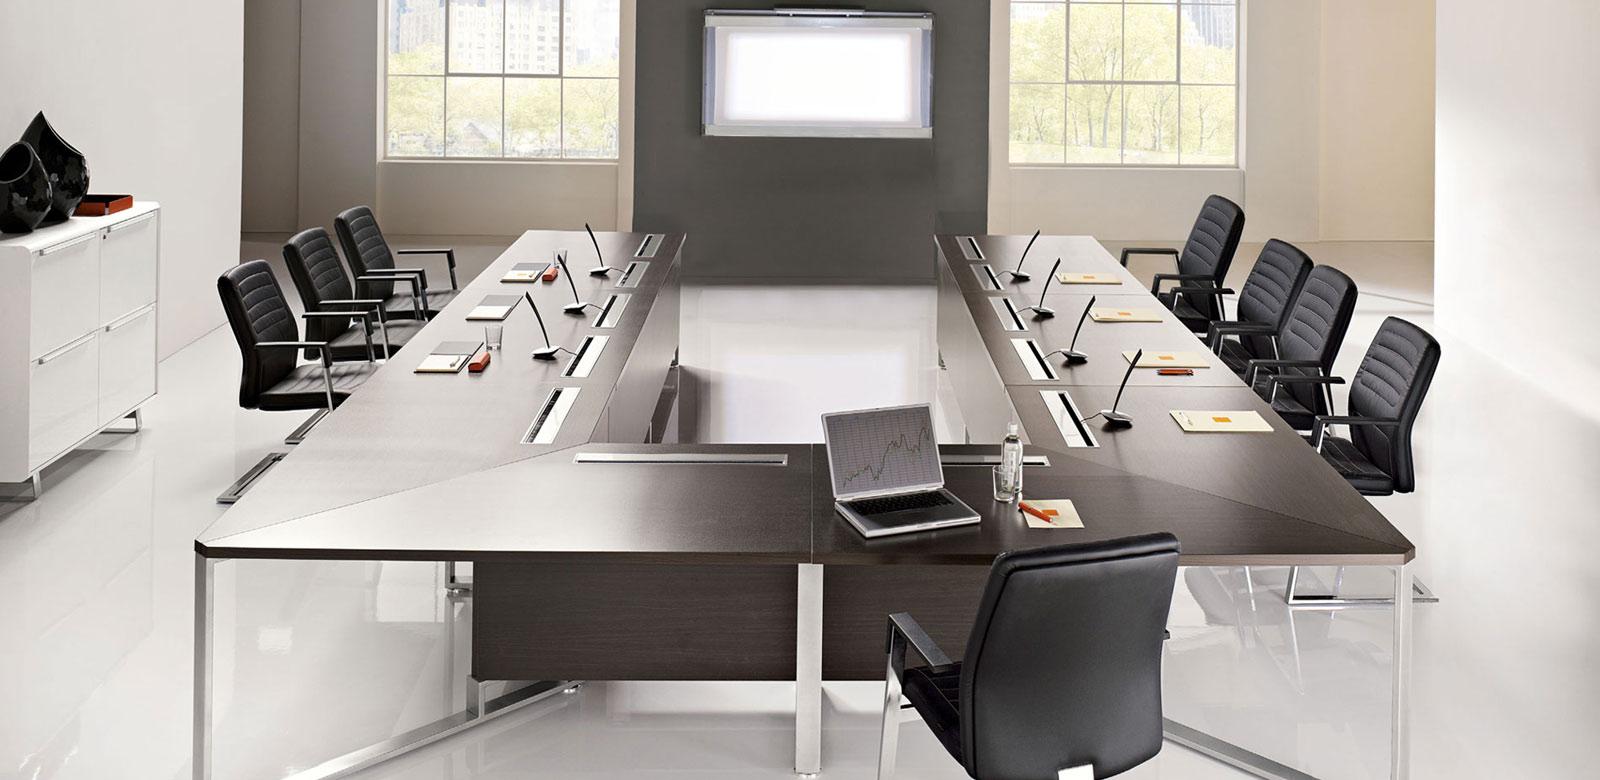 Mobili ufficio varese for Mobili ufficio como